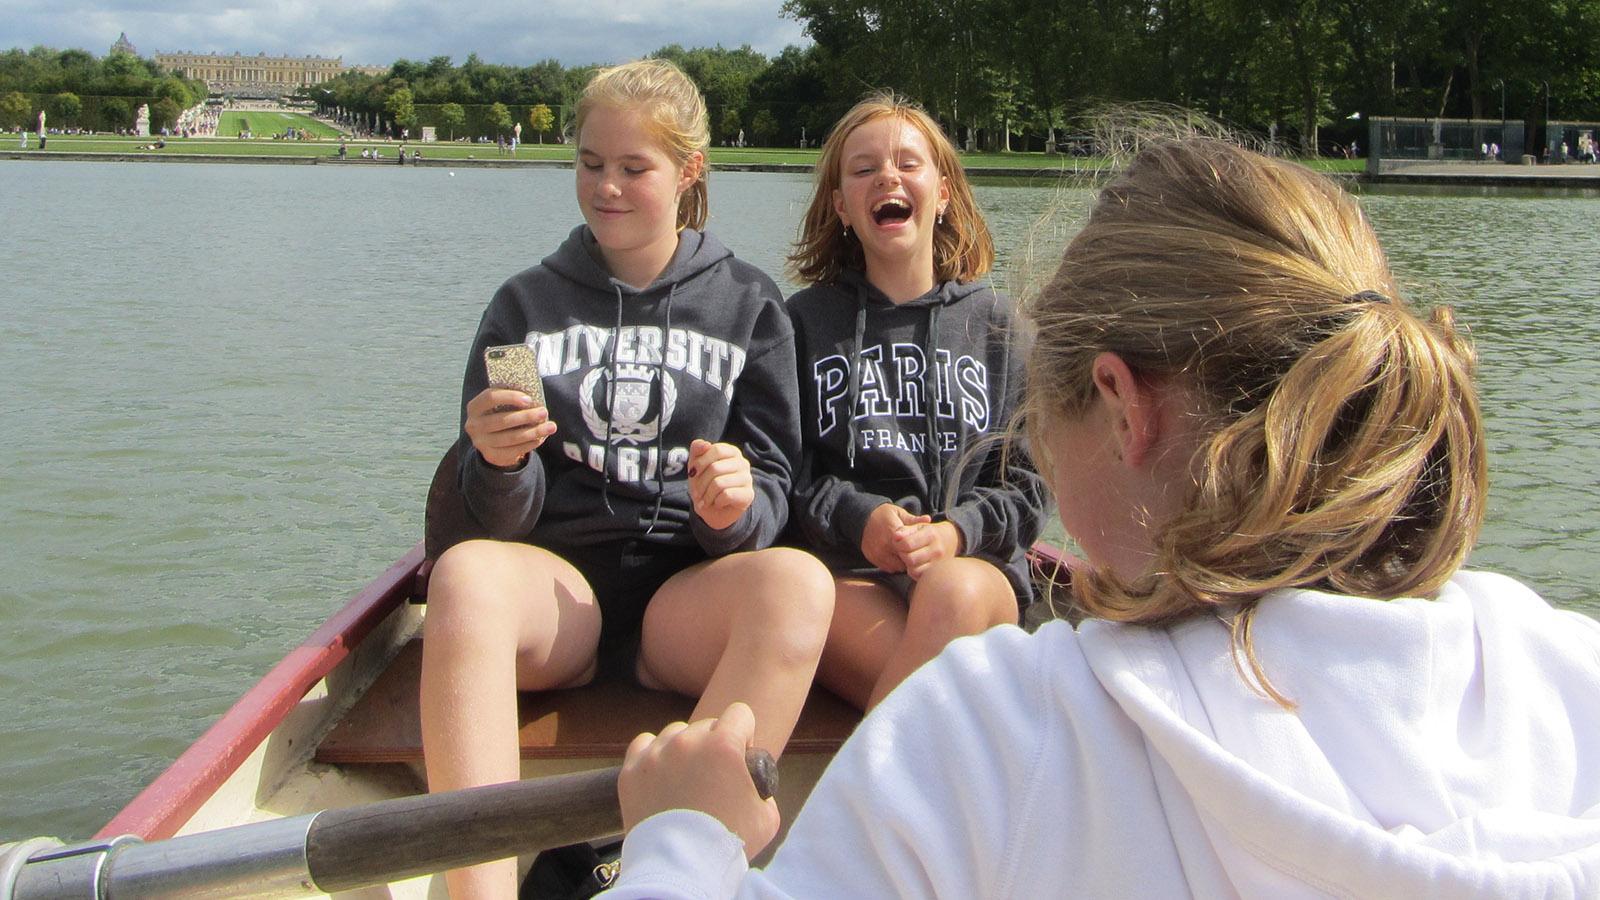 Königlicher Spaß: Ruderboot fahren im Schlosspark von Versailles. Foto: Hilke Maunder